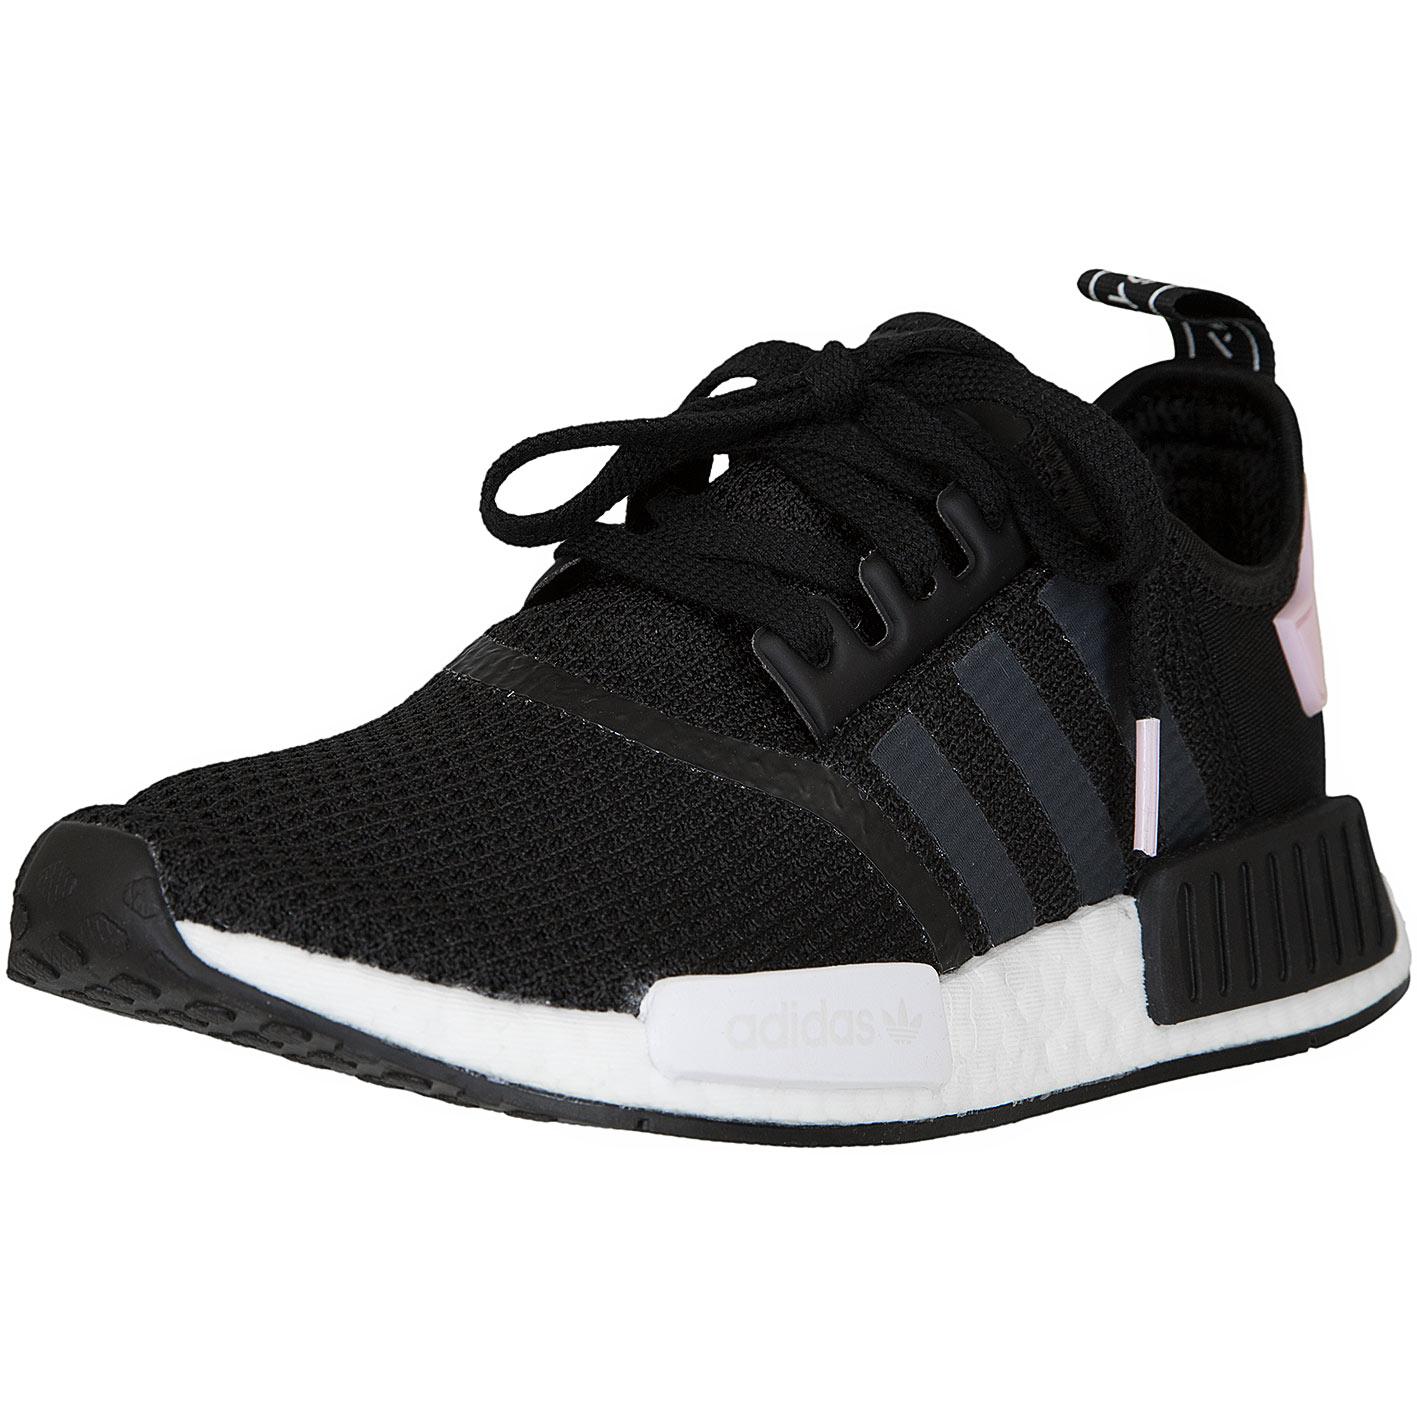 adidas NMD R1 Schuhe Damen SchwarzWeiß Rosa | B37649